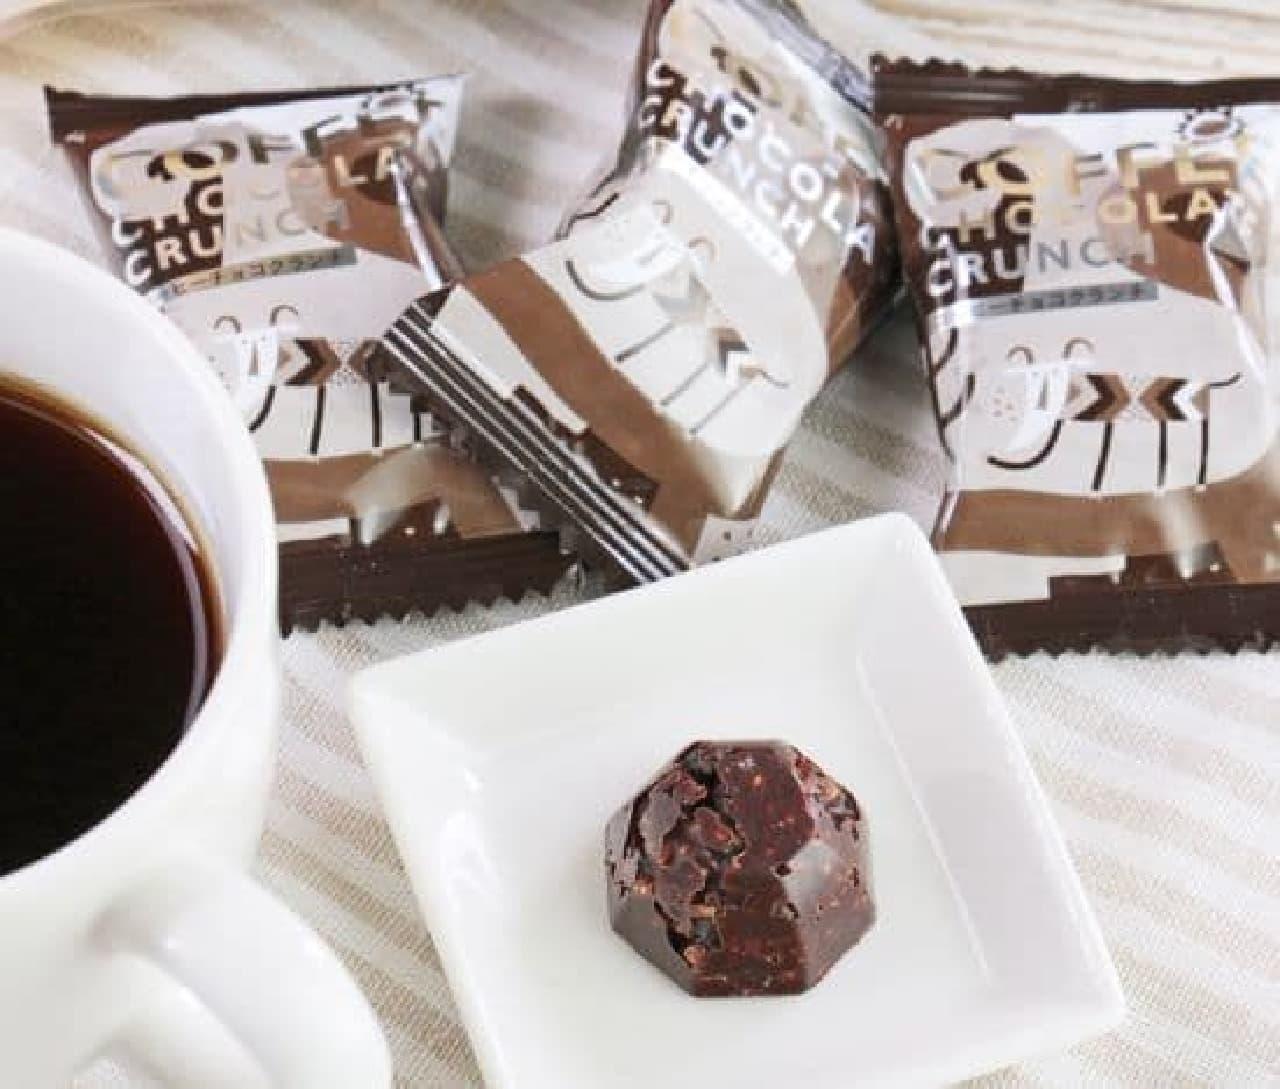 オリジナル コーヒーチョコクランチは「マイルドカルディ」を混ぜたクランチチョコレート